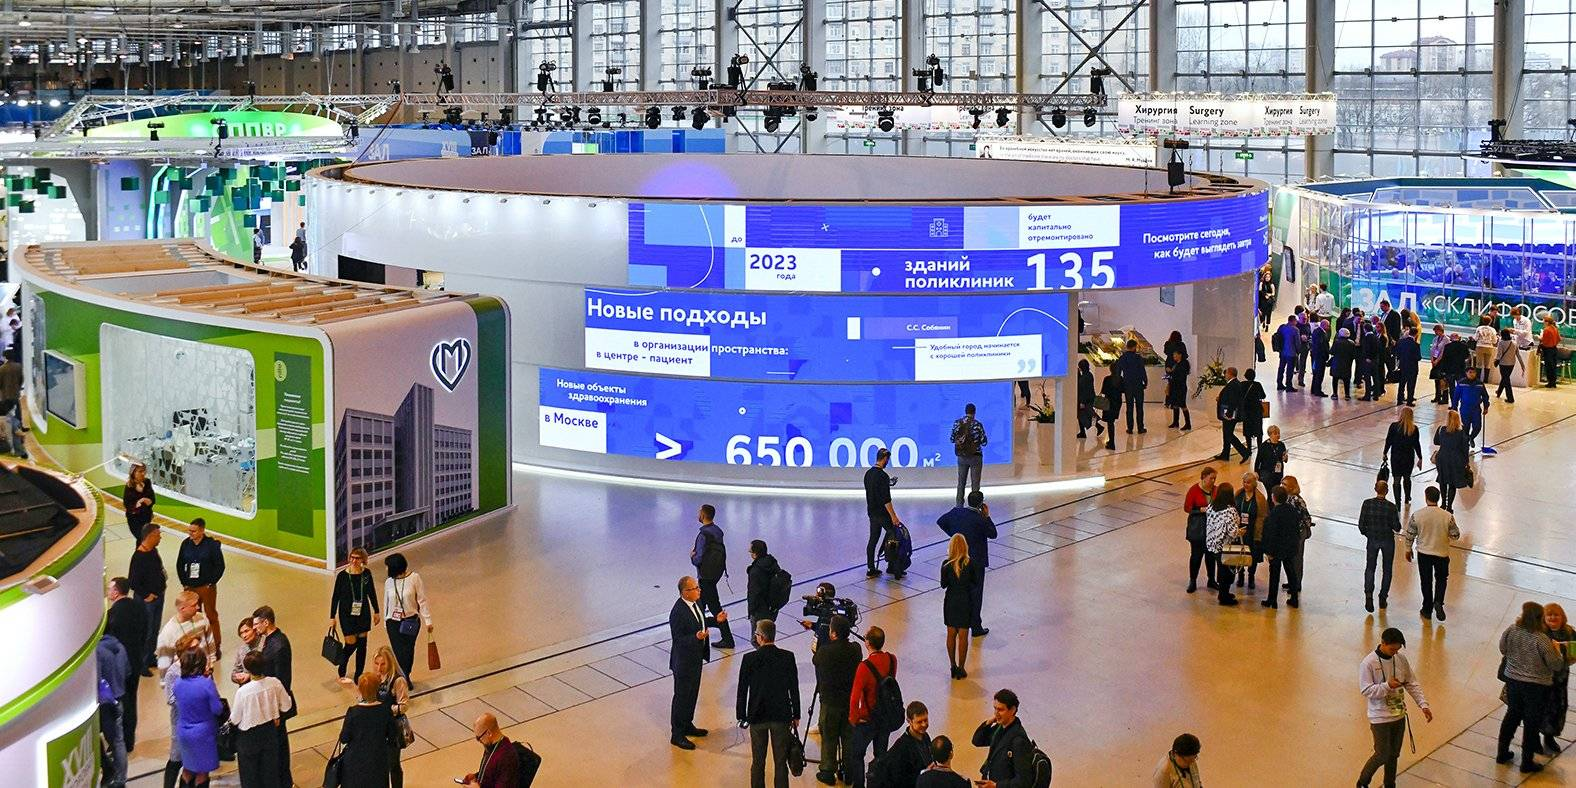 Итоги ассамблеи «Здоровая Москва»